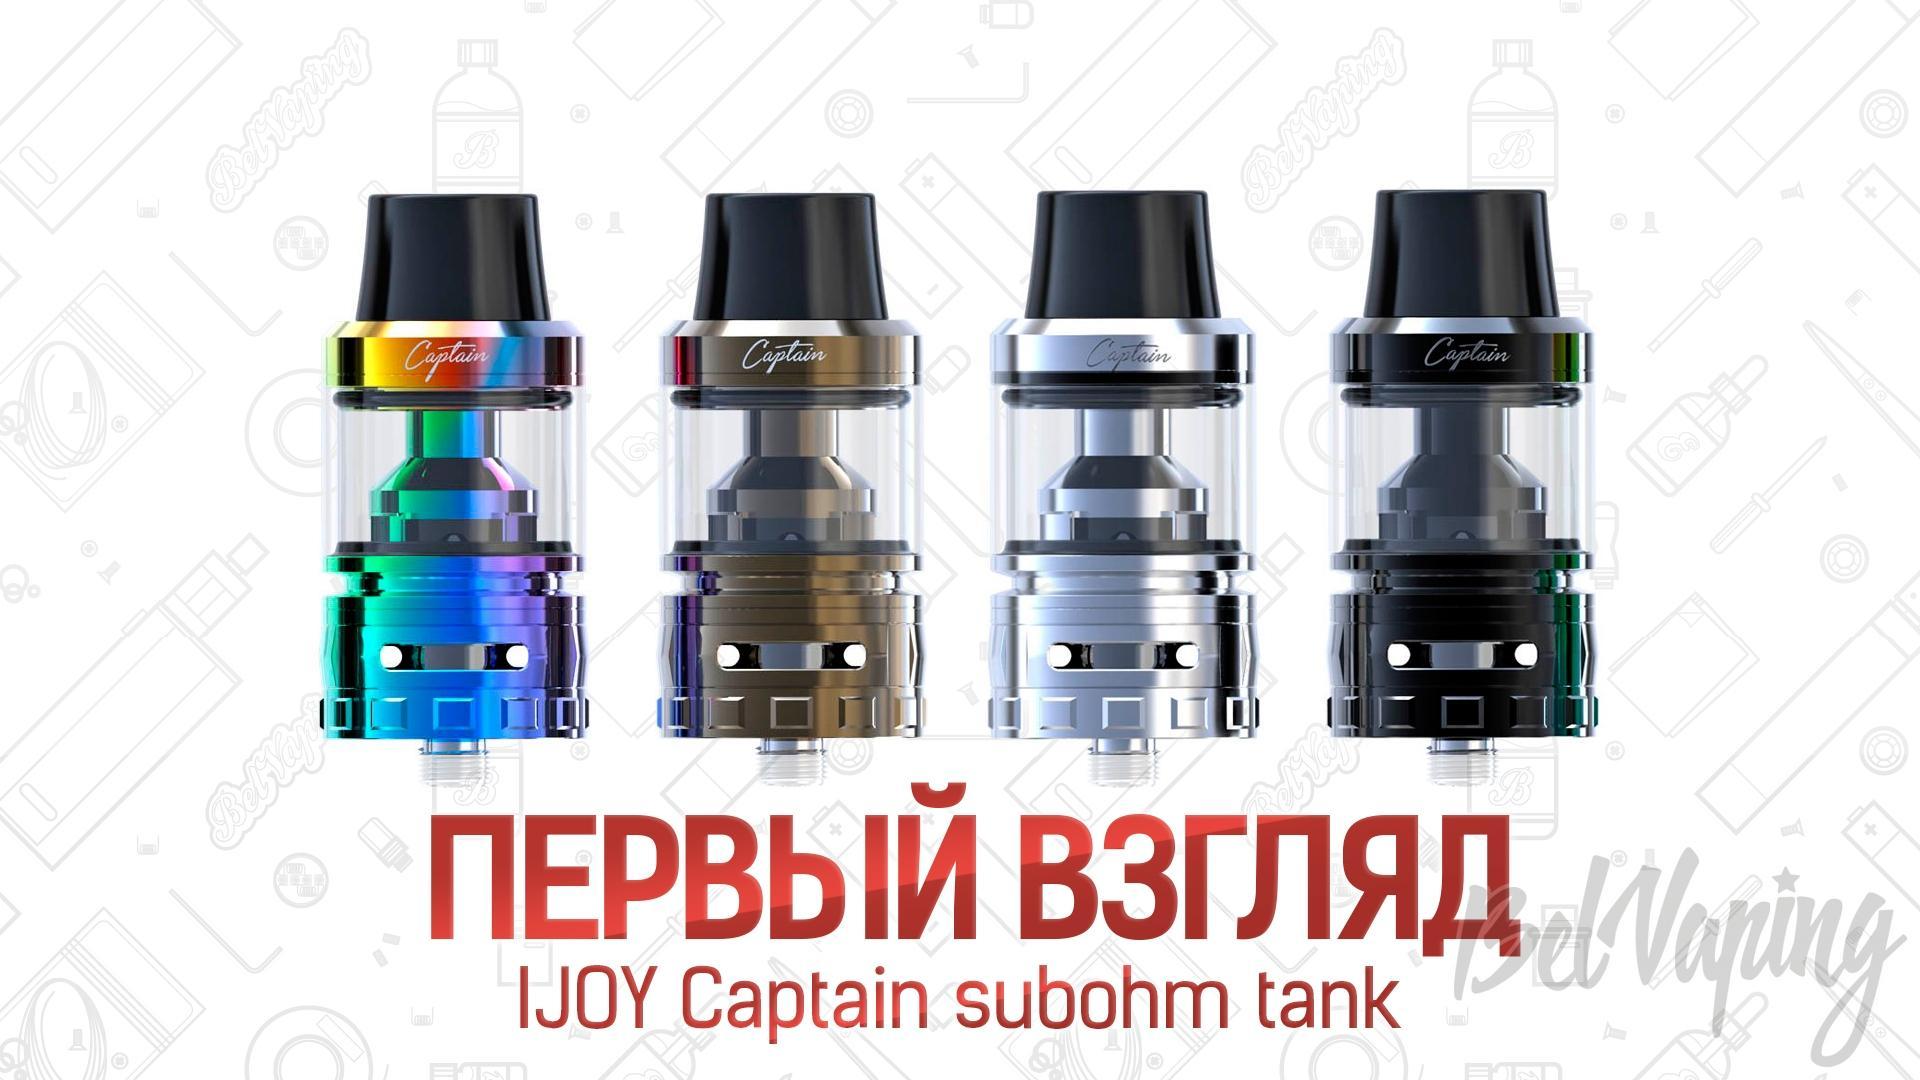 IJOY Captain subohm tank. Первый взгляд